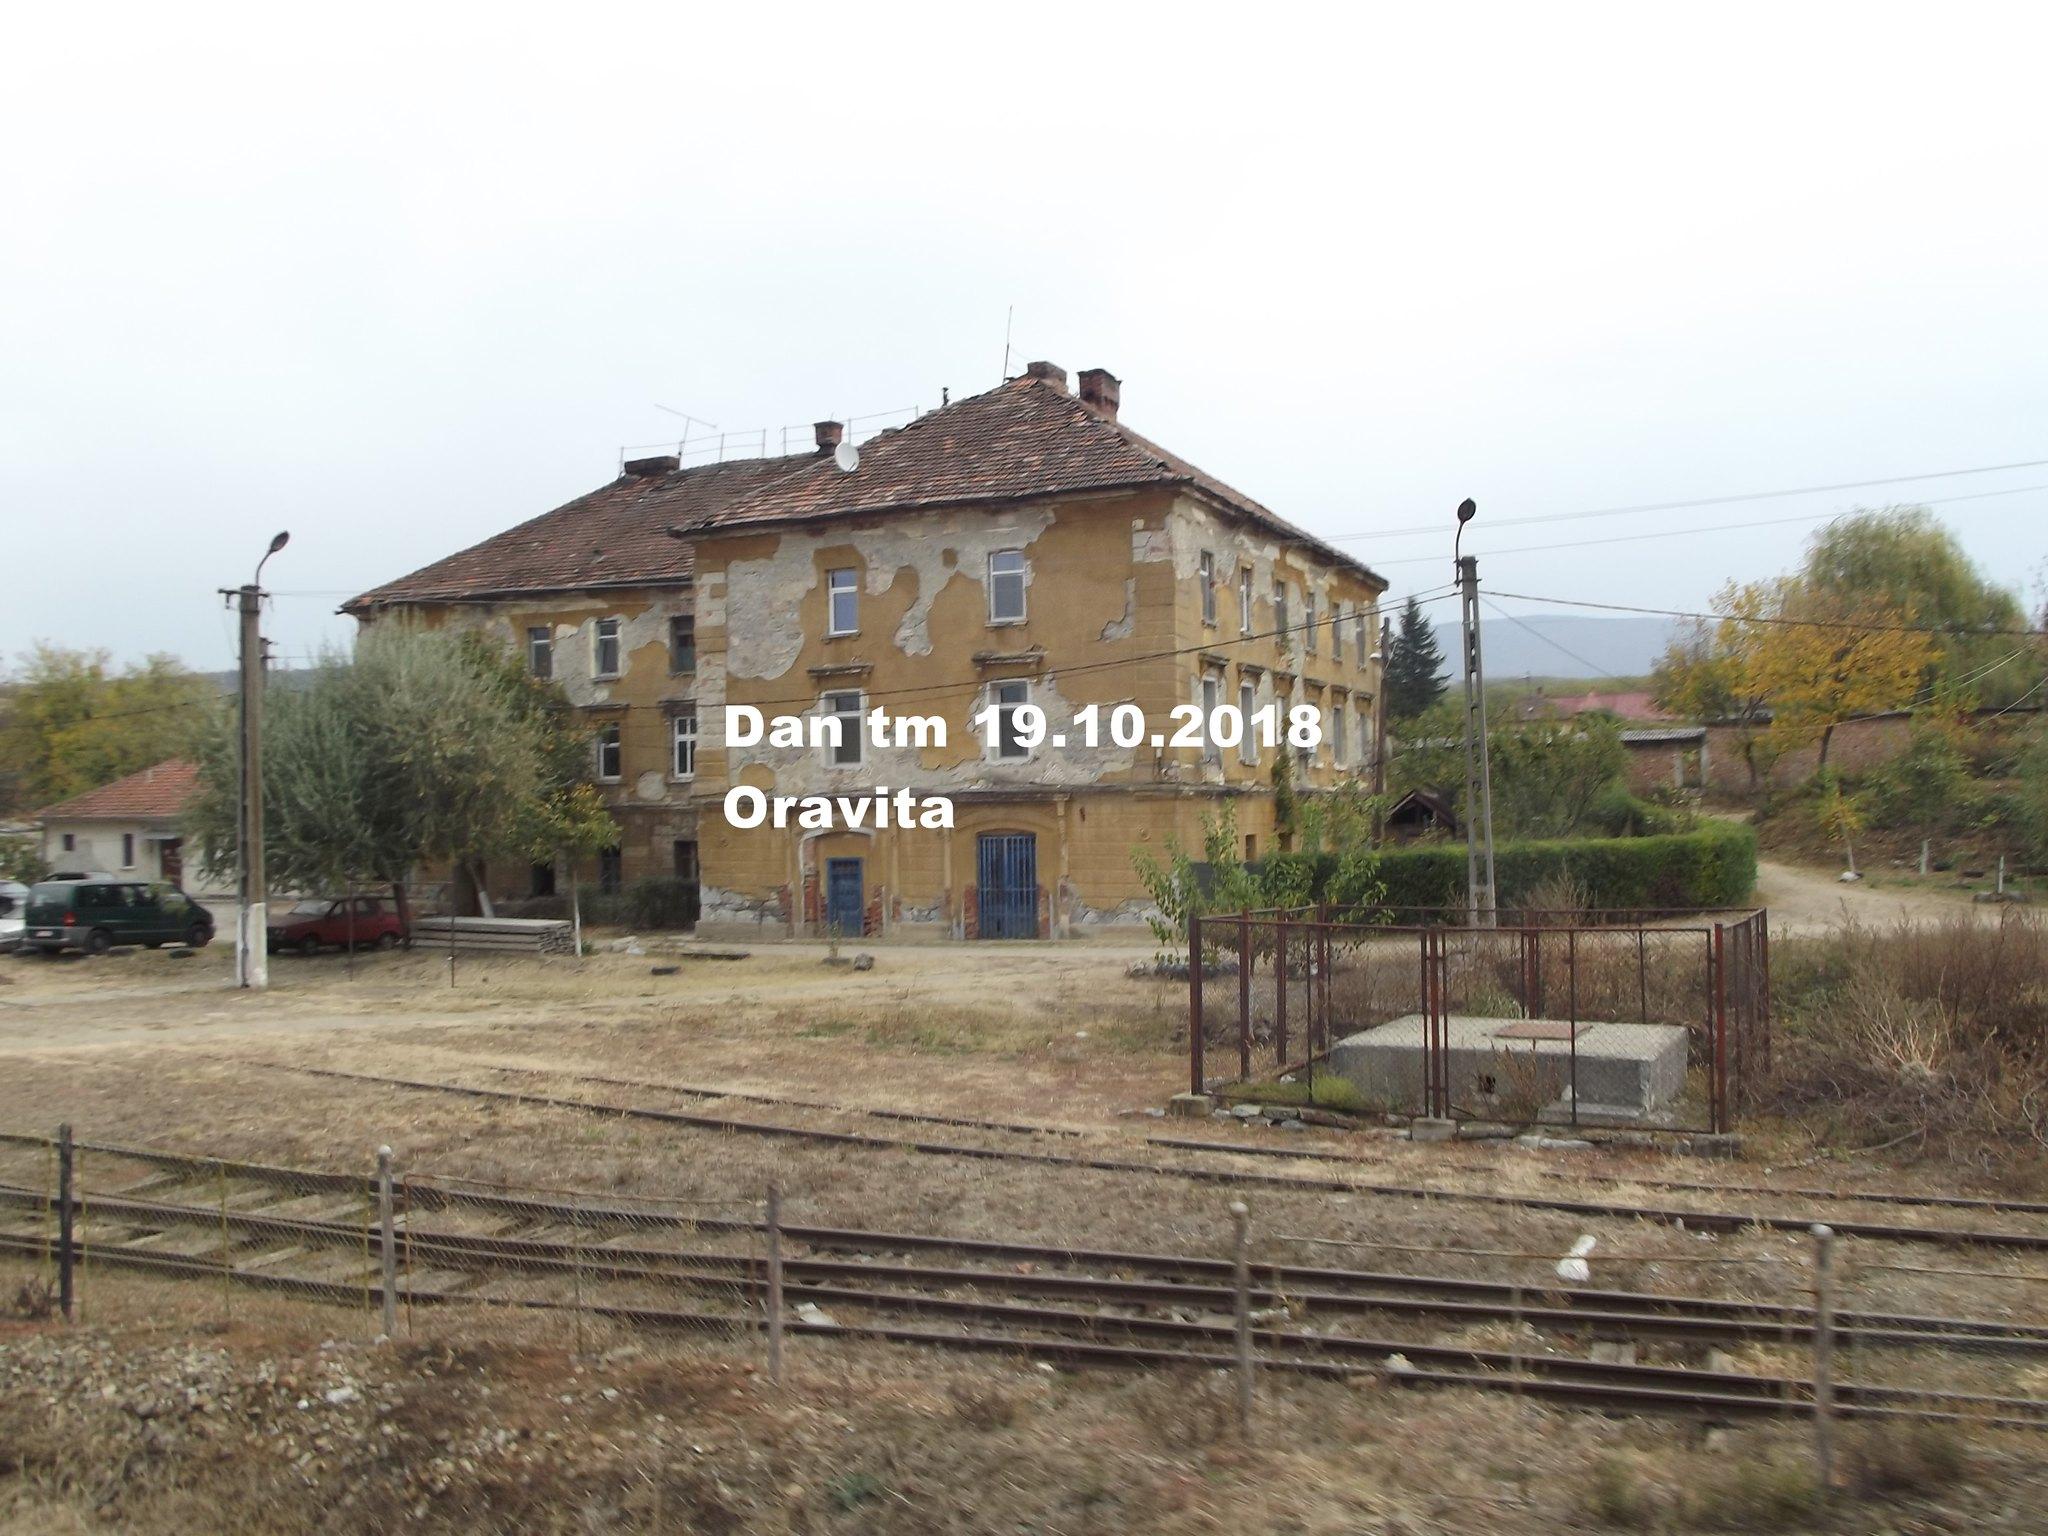 925 : Oravita - Anina - Pagina 40 45471269361_9e08bf87c0_k